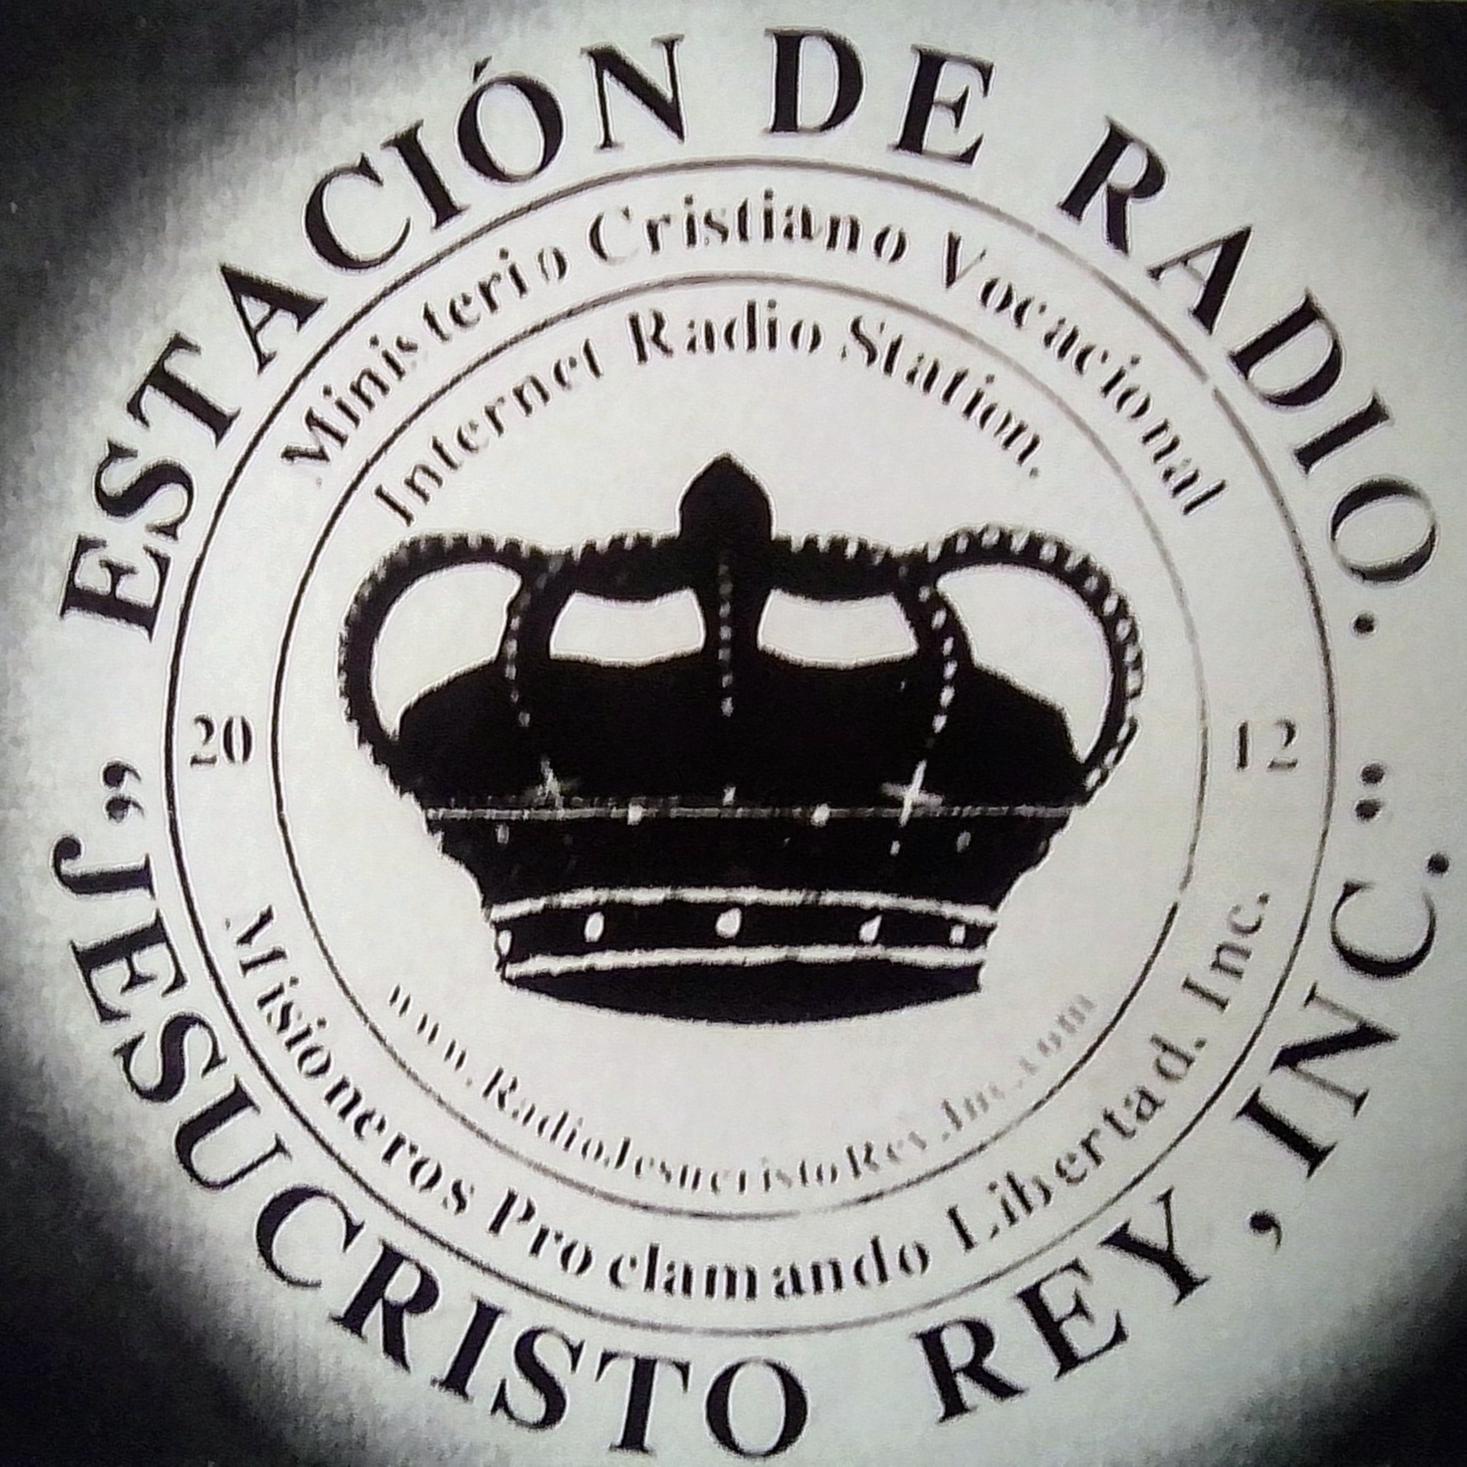 Radio Jesucristo Rey, Inc. 2453